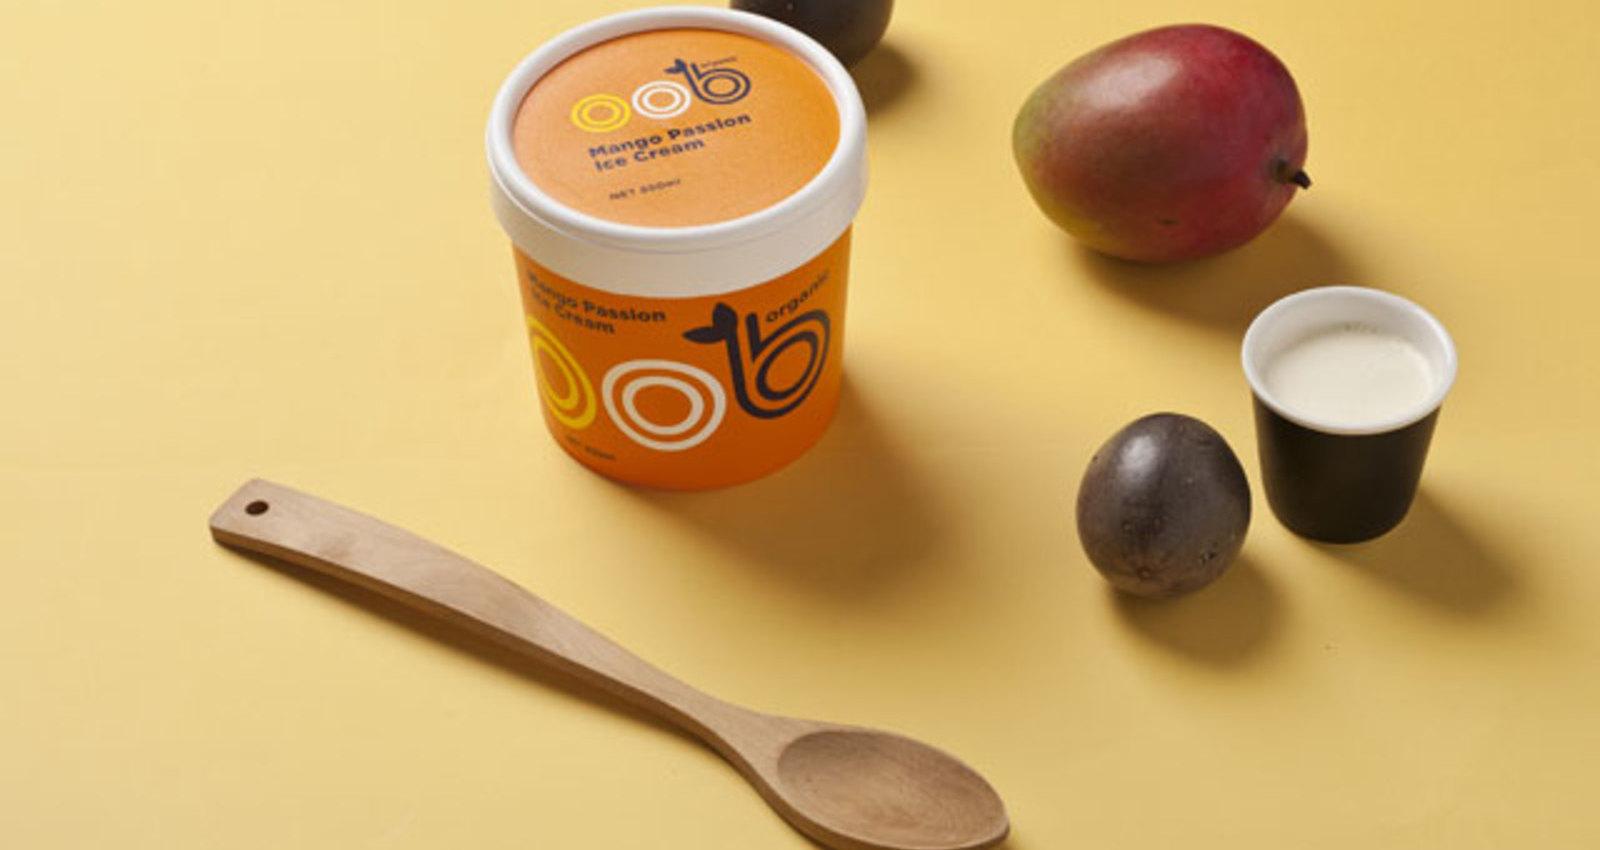 OOB Ice Cream Packaging